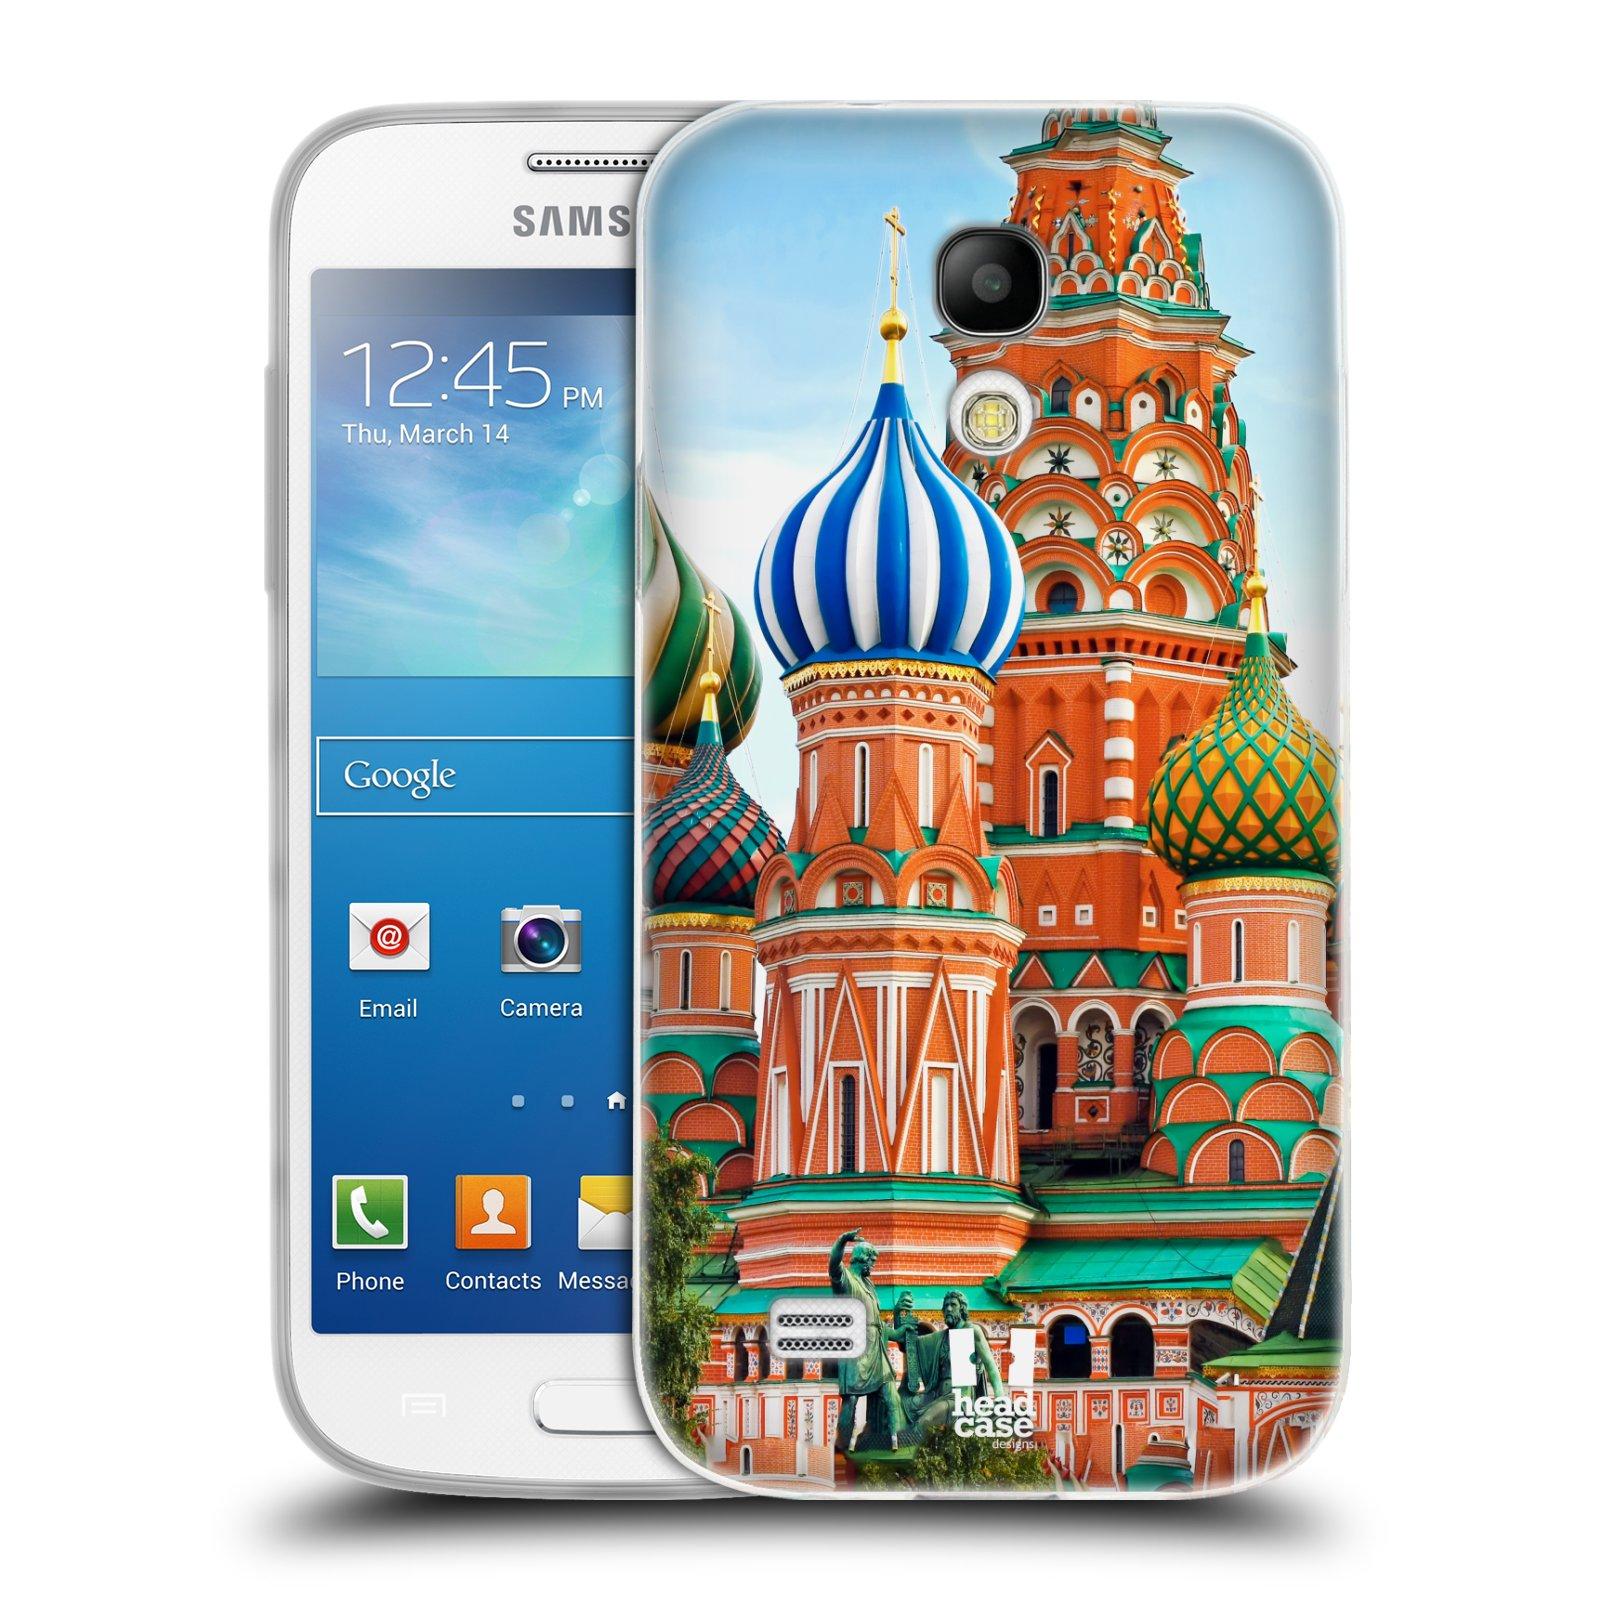 HEAD CASE silikonový obal na mobil Samsung Galaxy S4 MINI vzor Města foto náměstí RUSKO,MOSKVA, RUDÉ NÁMĚSTÍ